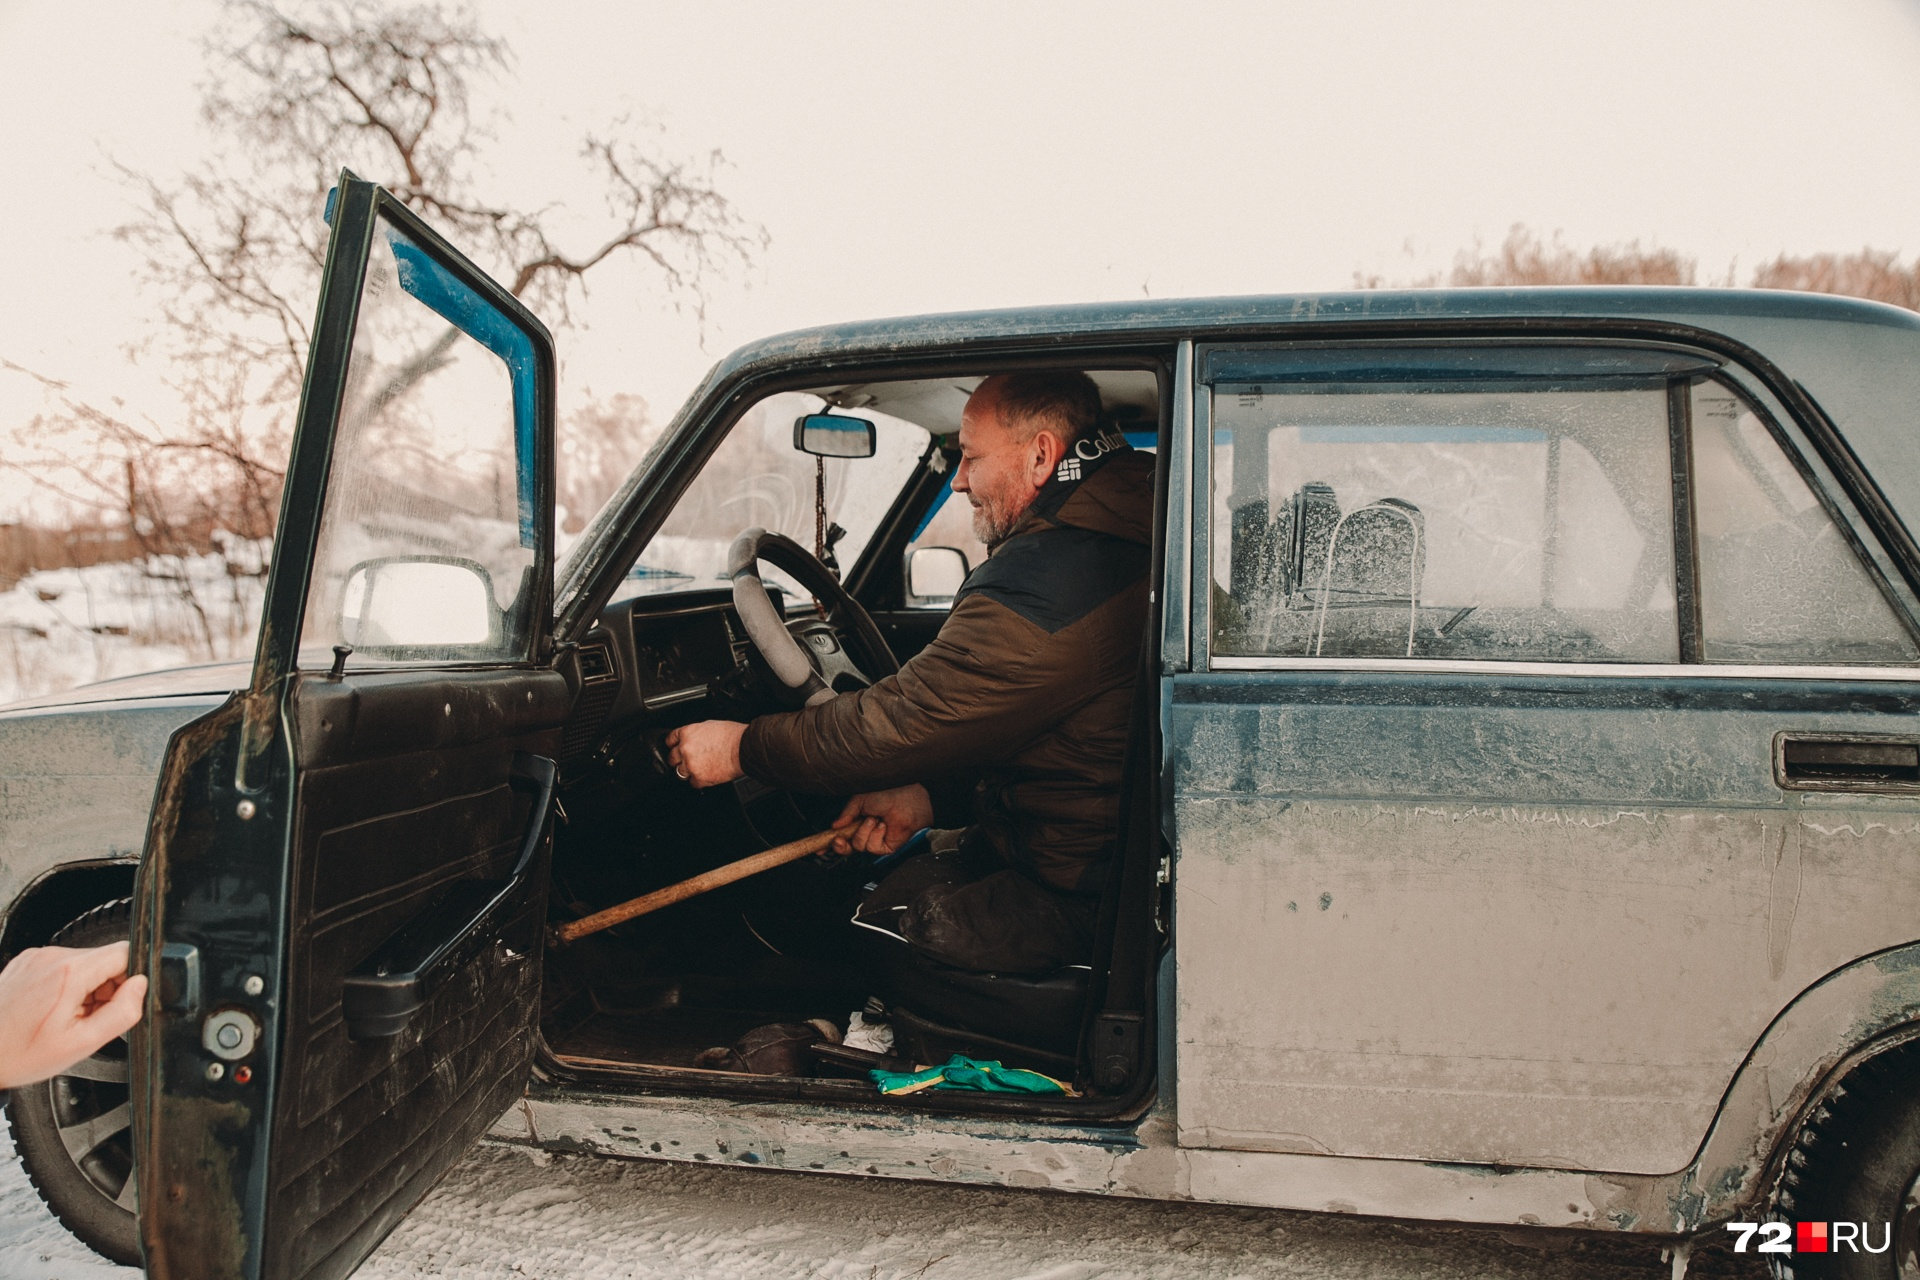 Машину мужчина тоже умеет водить. Только у него она обычная, без специальных приспособлений для инвалидов. Выкручивается подручными средствами